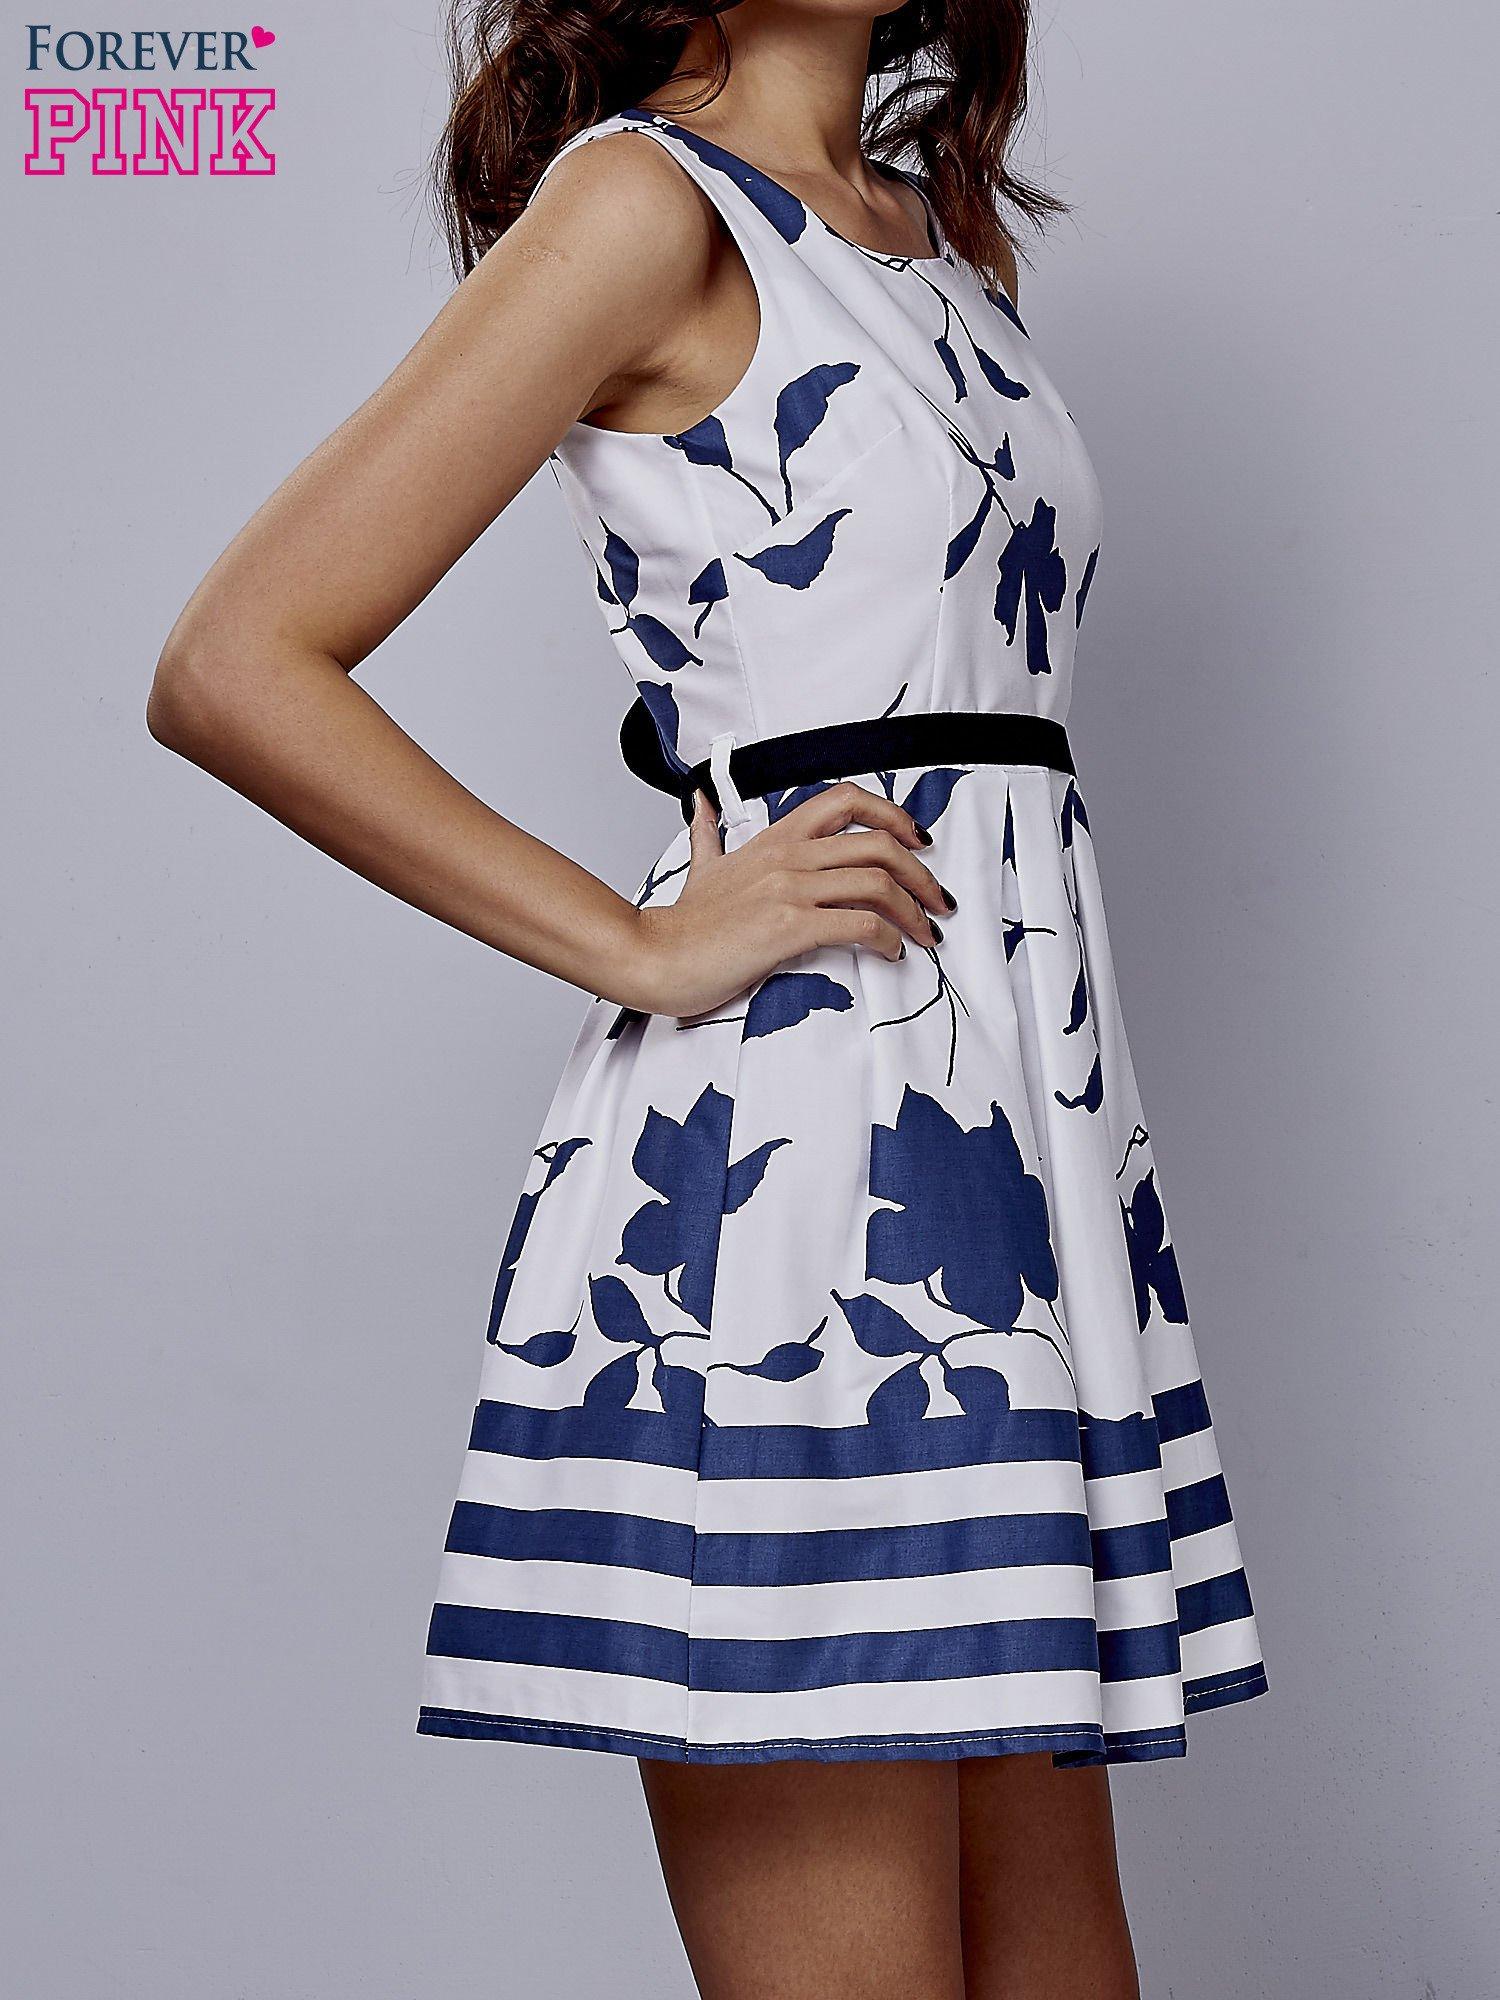 Biała sukienka w kwiaty wiązana na kokardę z tyłu                                  zdj.                                  3